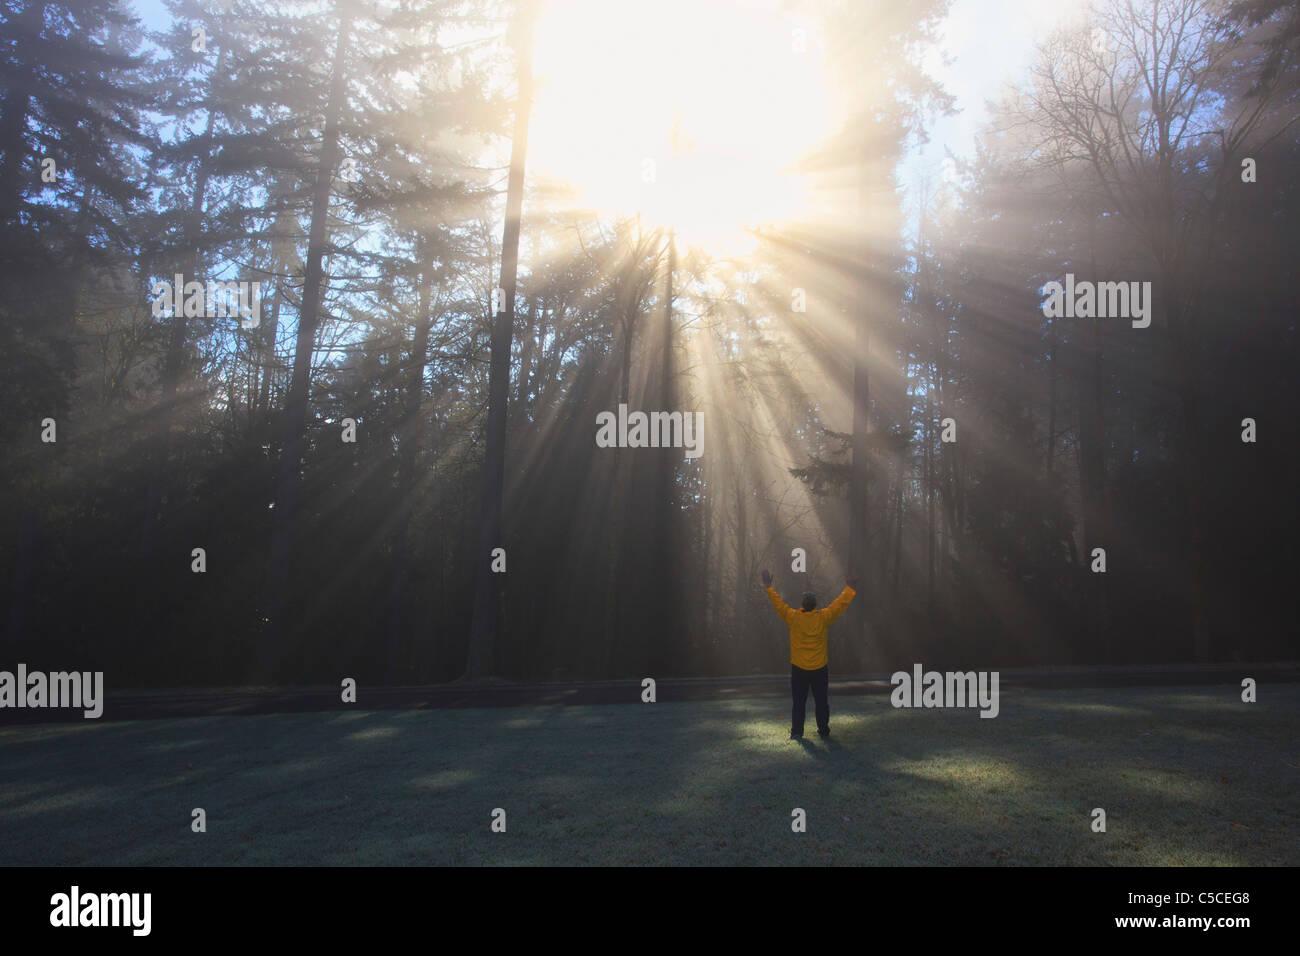 Una persona eleva sus brazos al Sol brillando a través de la niebla matutina y árboles; Happy Valley, Imagen De Stock